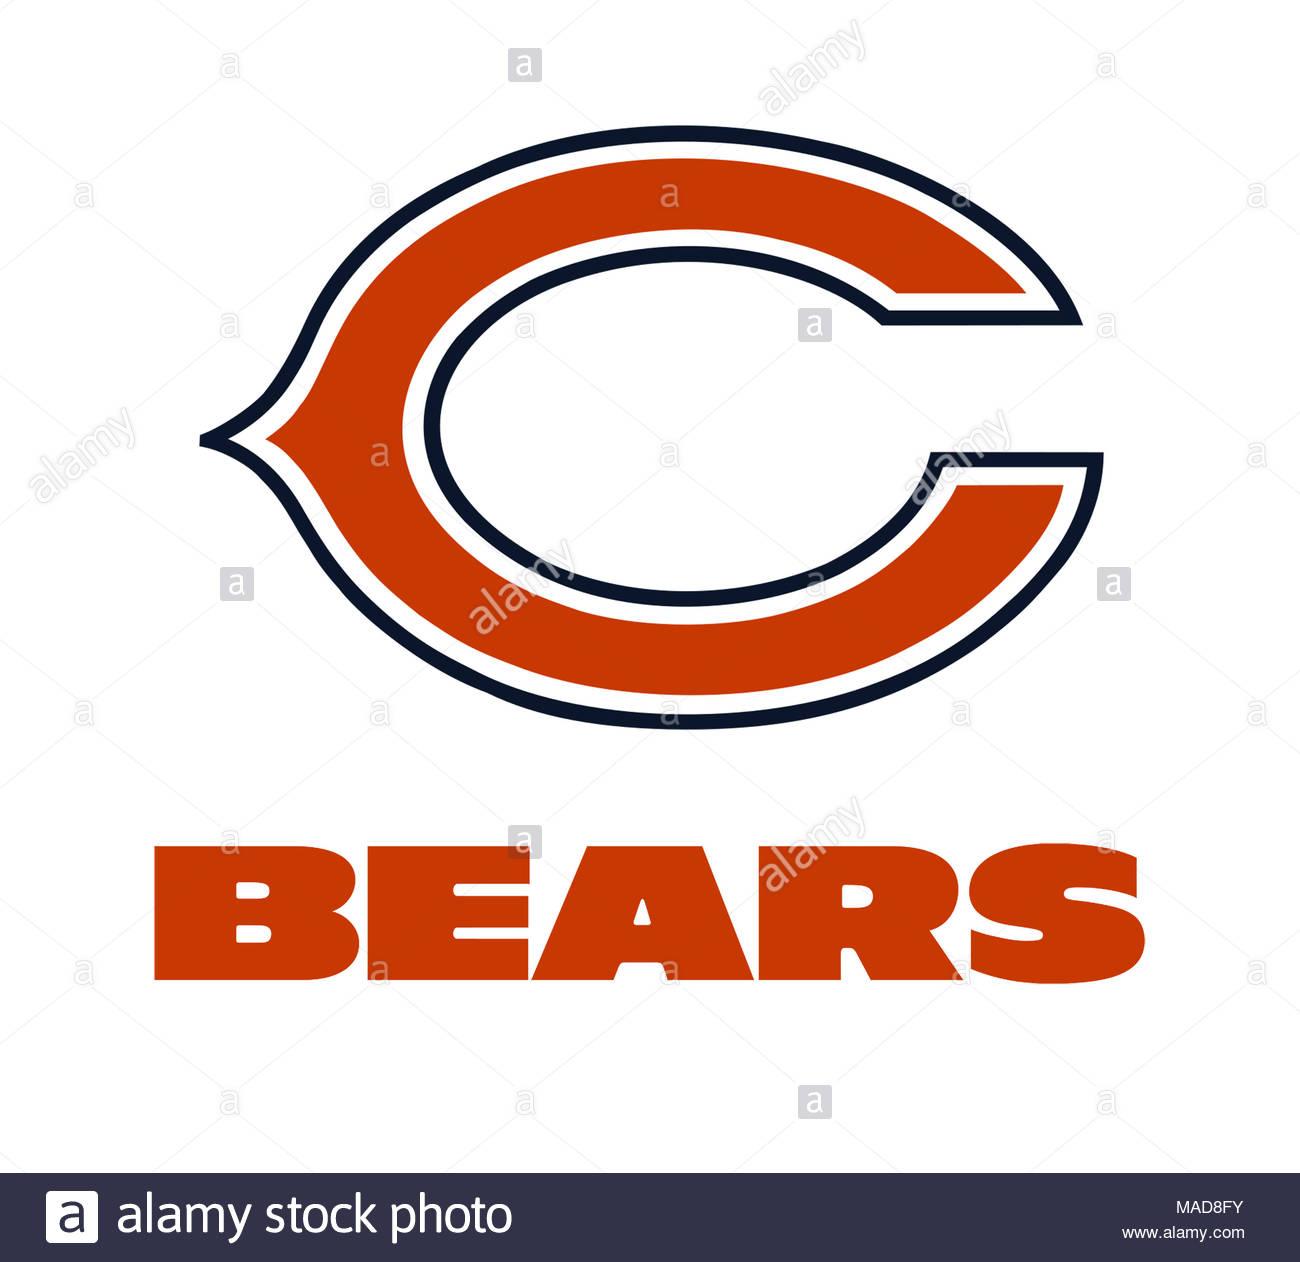 chicago bears logo icon stock photo 178542335 alamy rh alamy com Chicago Bears Logo Wallpaper Chicago Bears Logo Printable